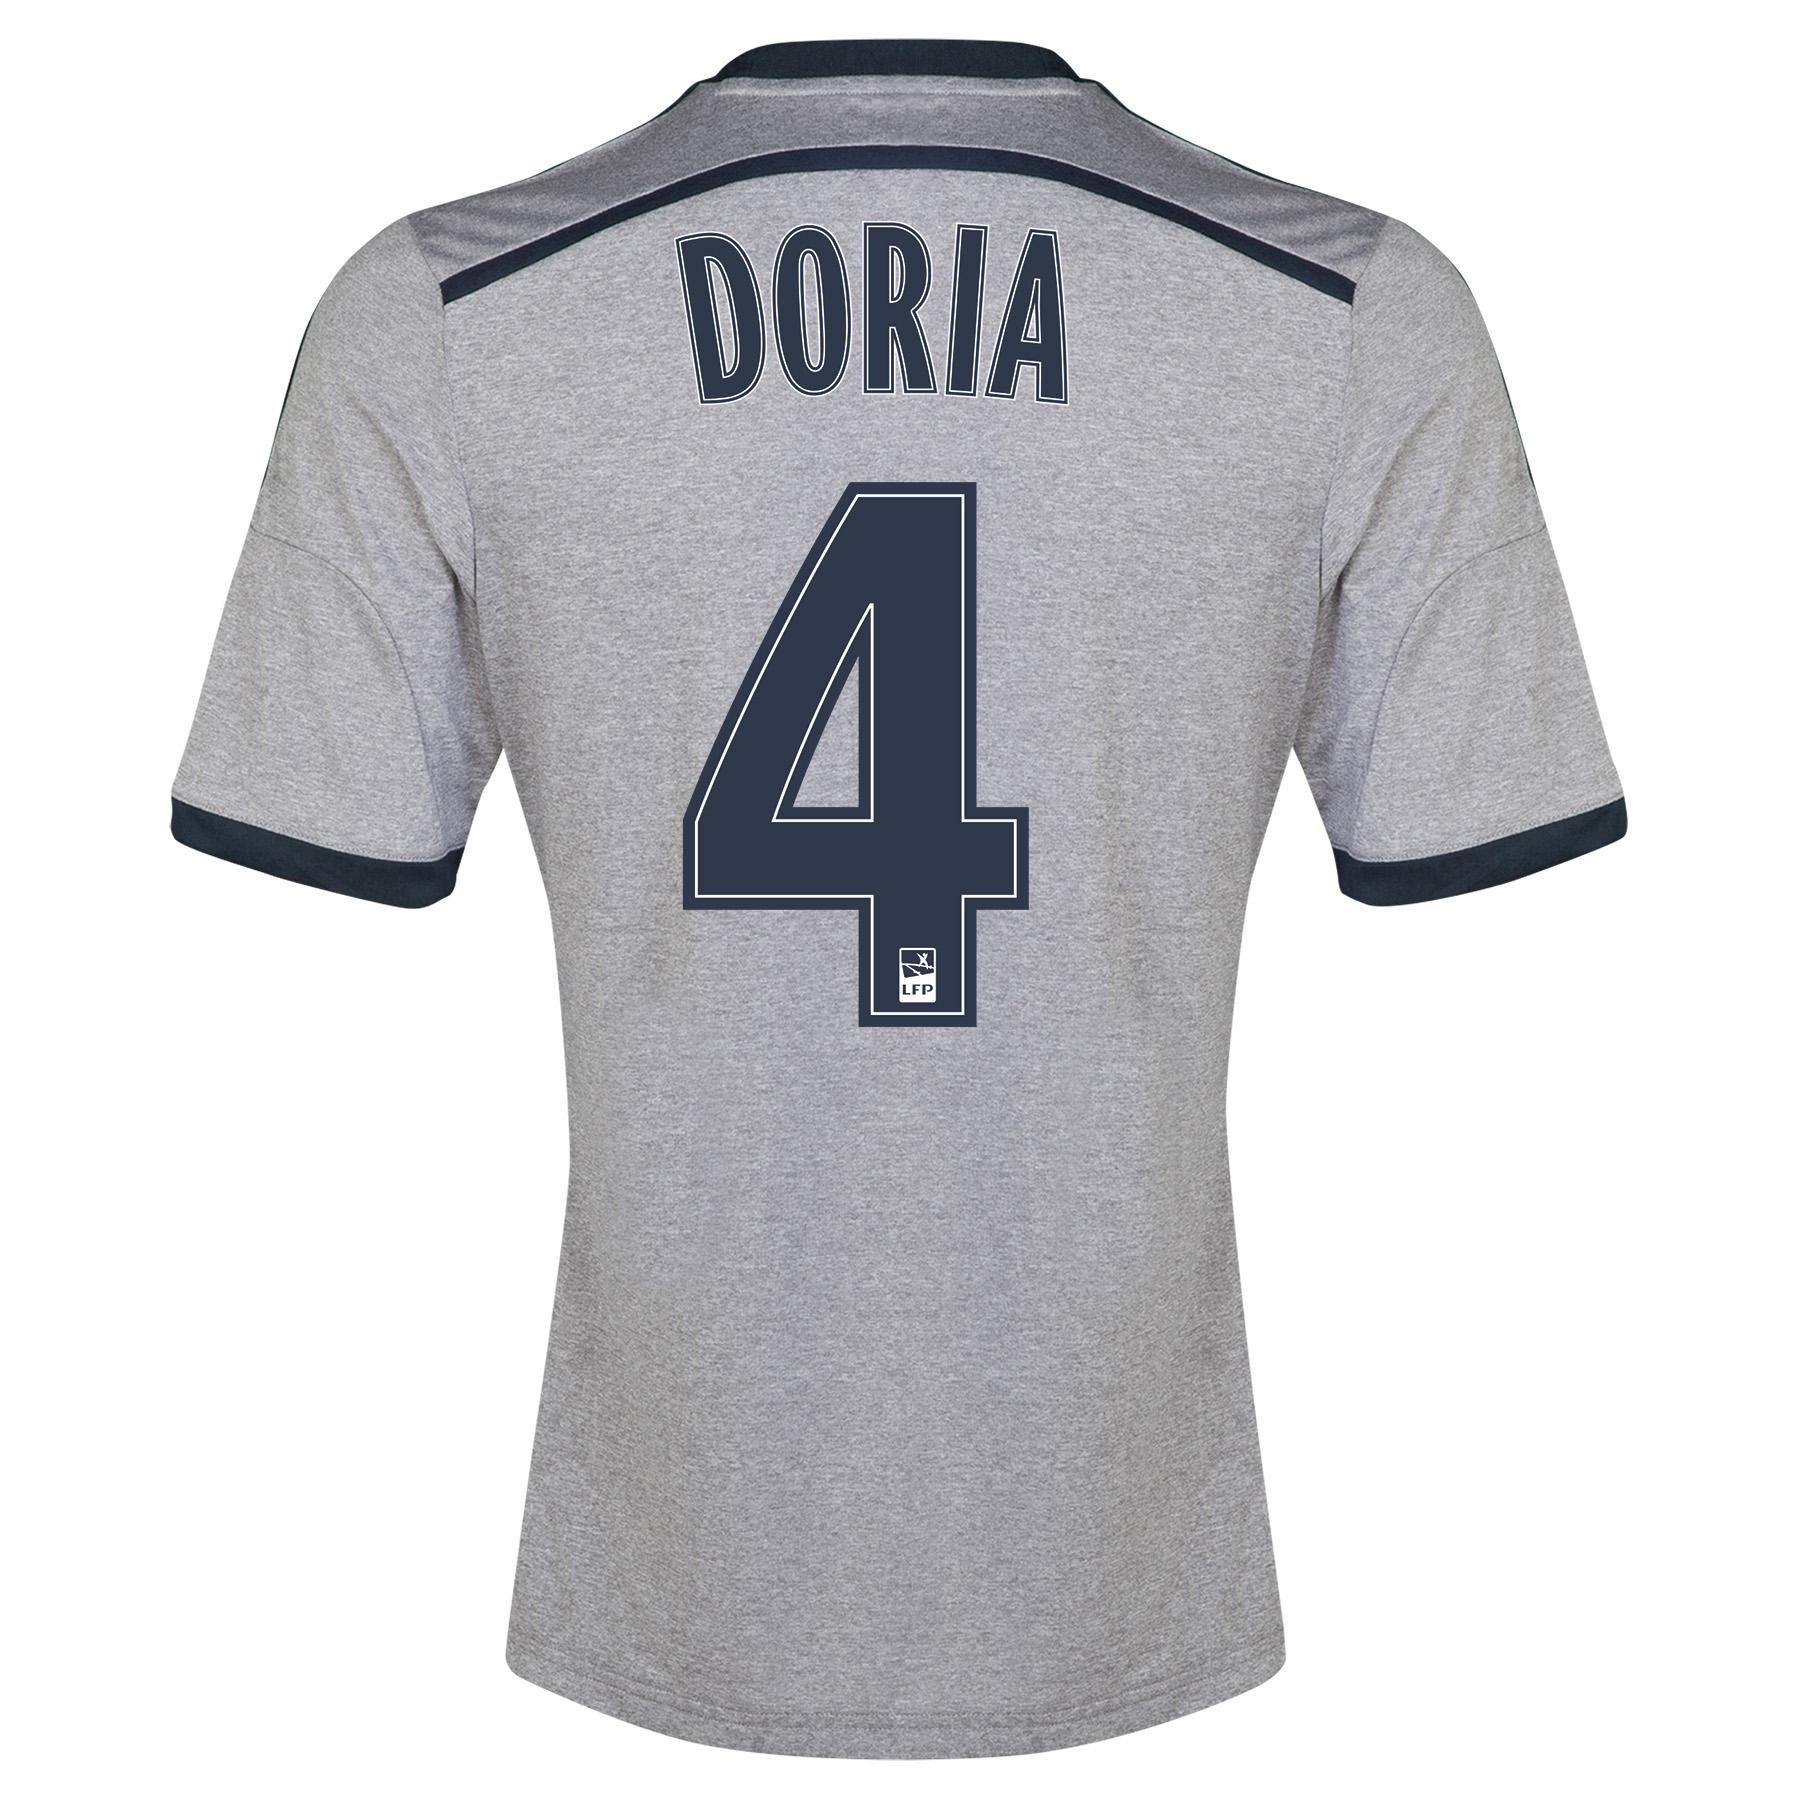 Olympique de Marseille Away Shirt Short Sleeve - Junior 2014/15 Silver with Doria 4 printing